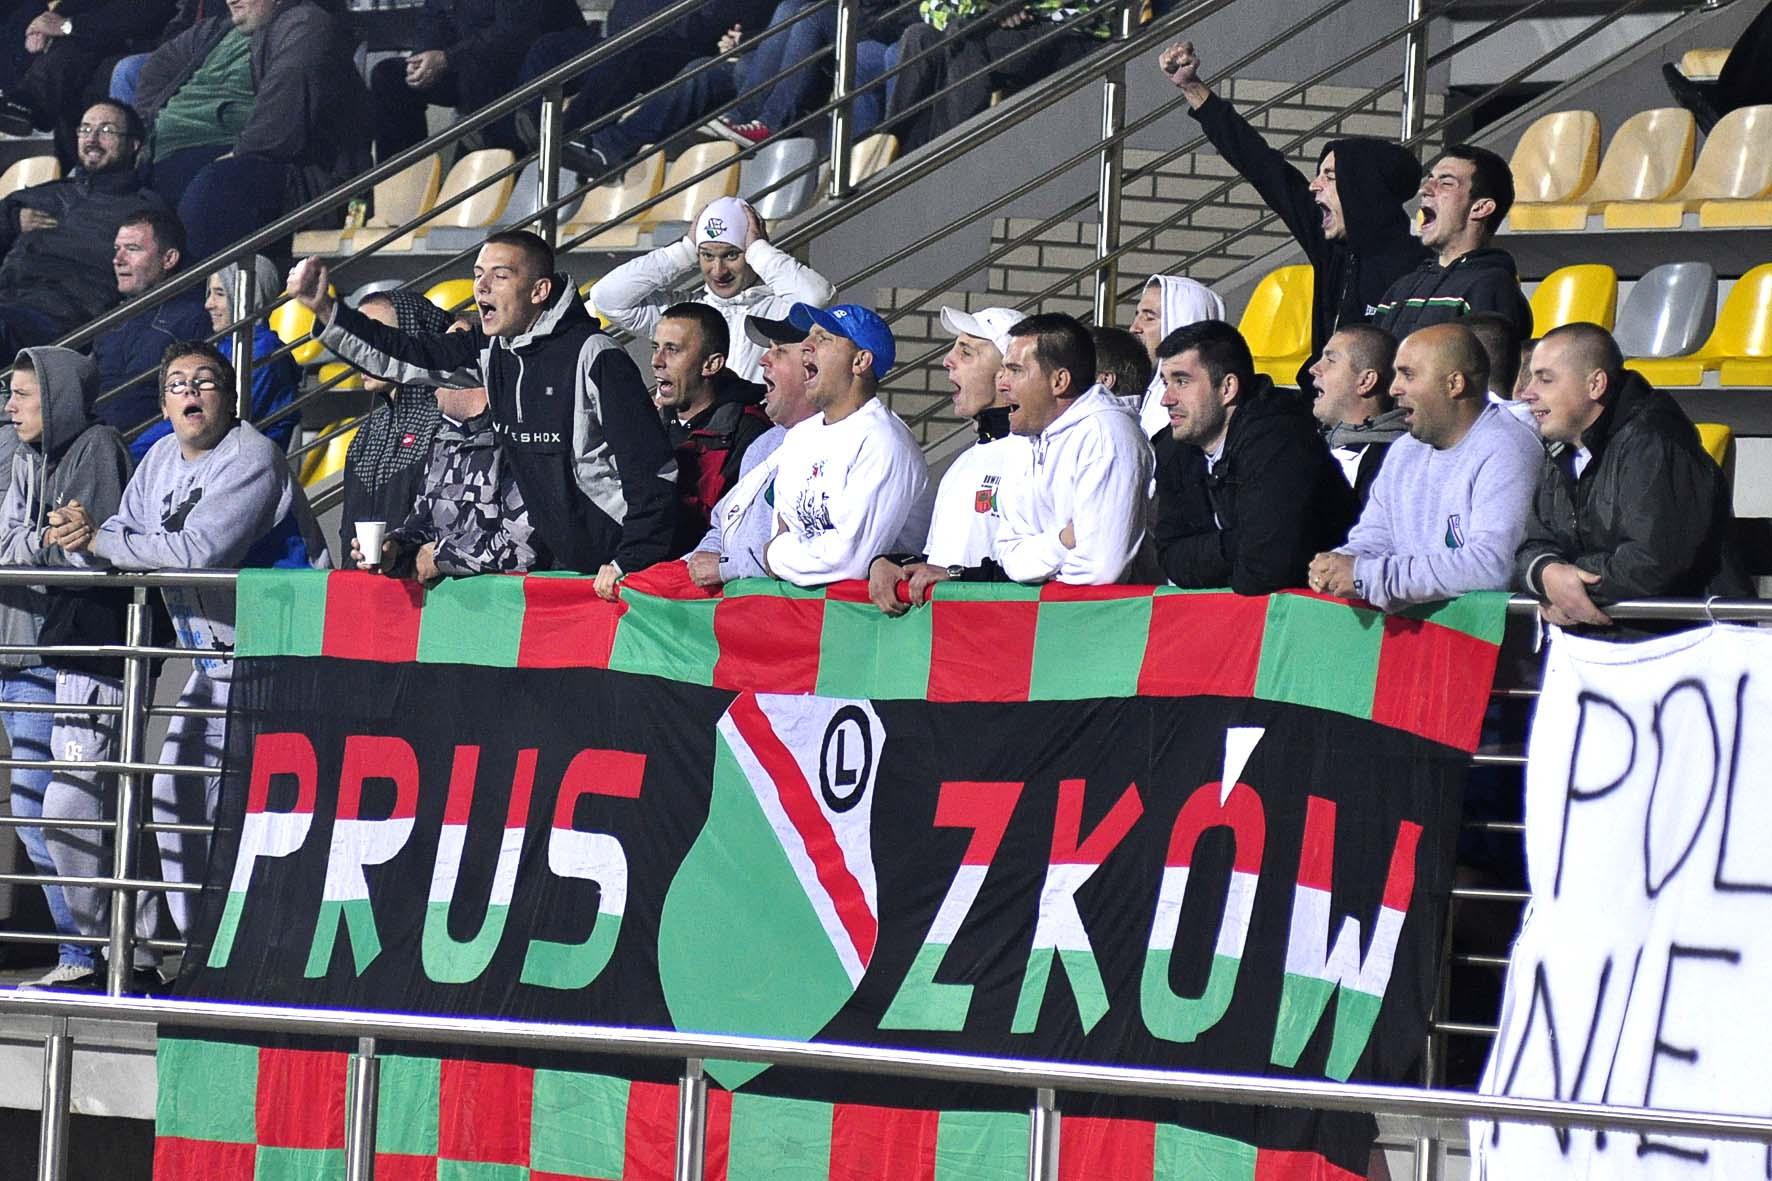 kibice z Pruszkowa wyszli w II połowie gry ze stadionu Znicza - kibiców Radomiaka nie wpuszczono na mecz fot. S W